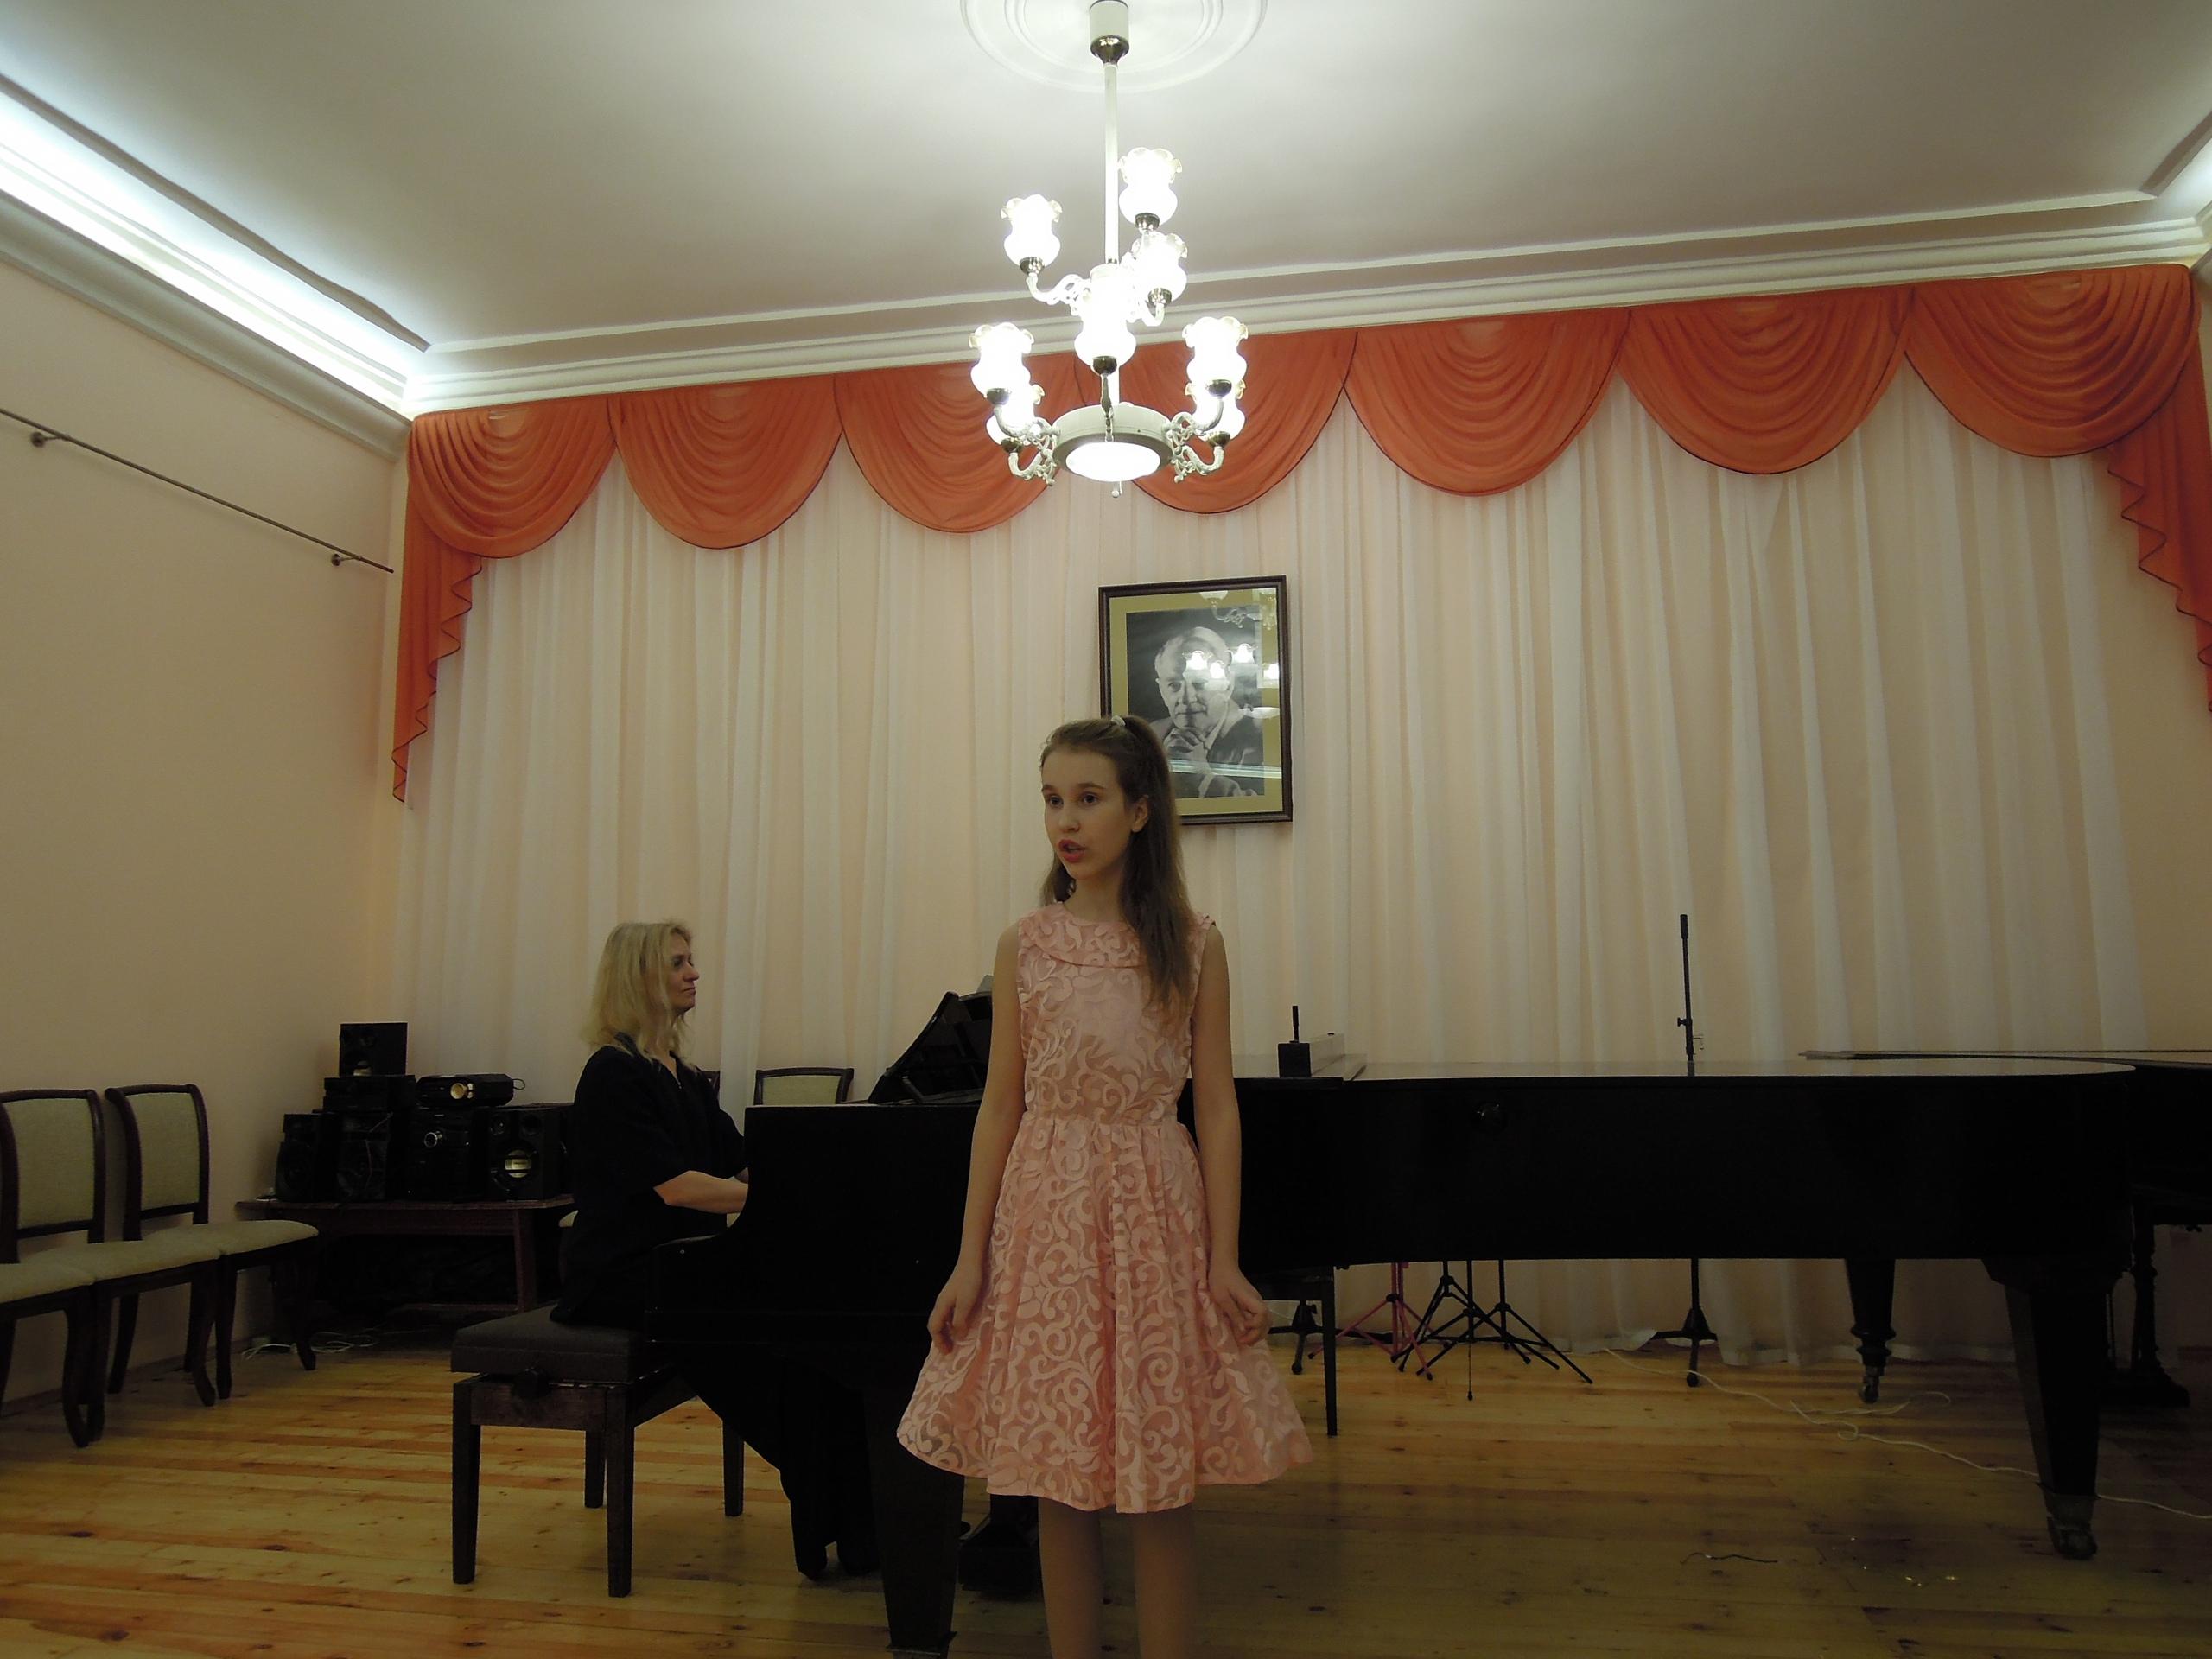 17-го января 2019 года в Коммунаровской детской школе искусств состоялся традиционный Большой Рождественский концерт.